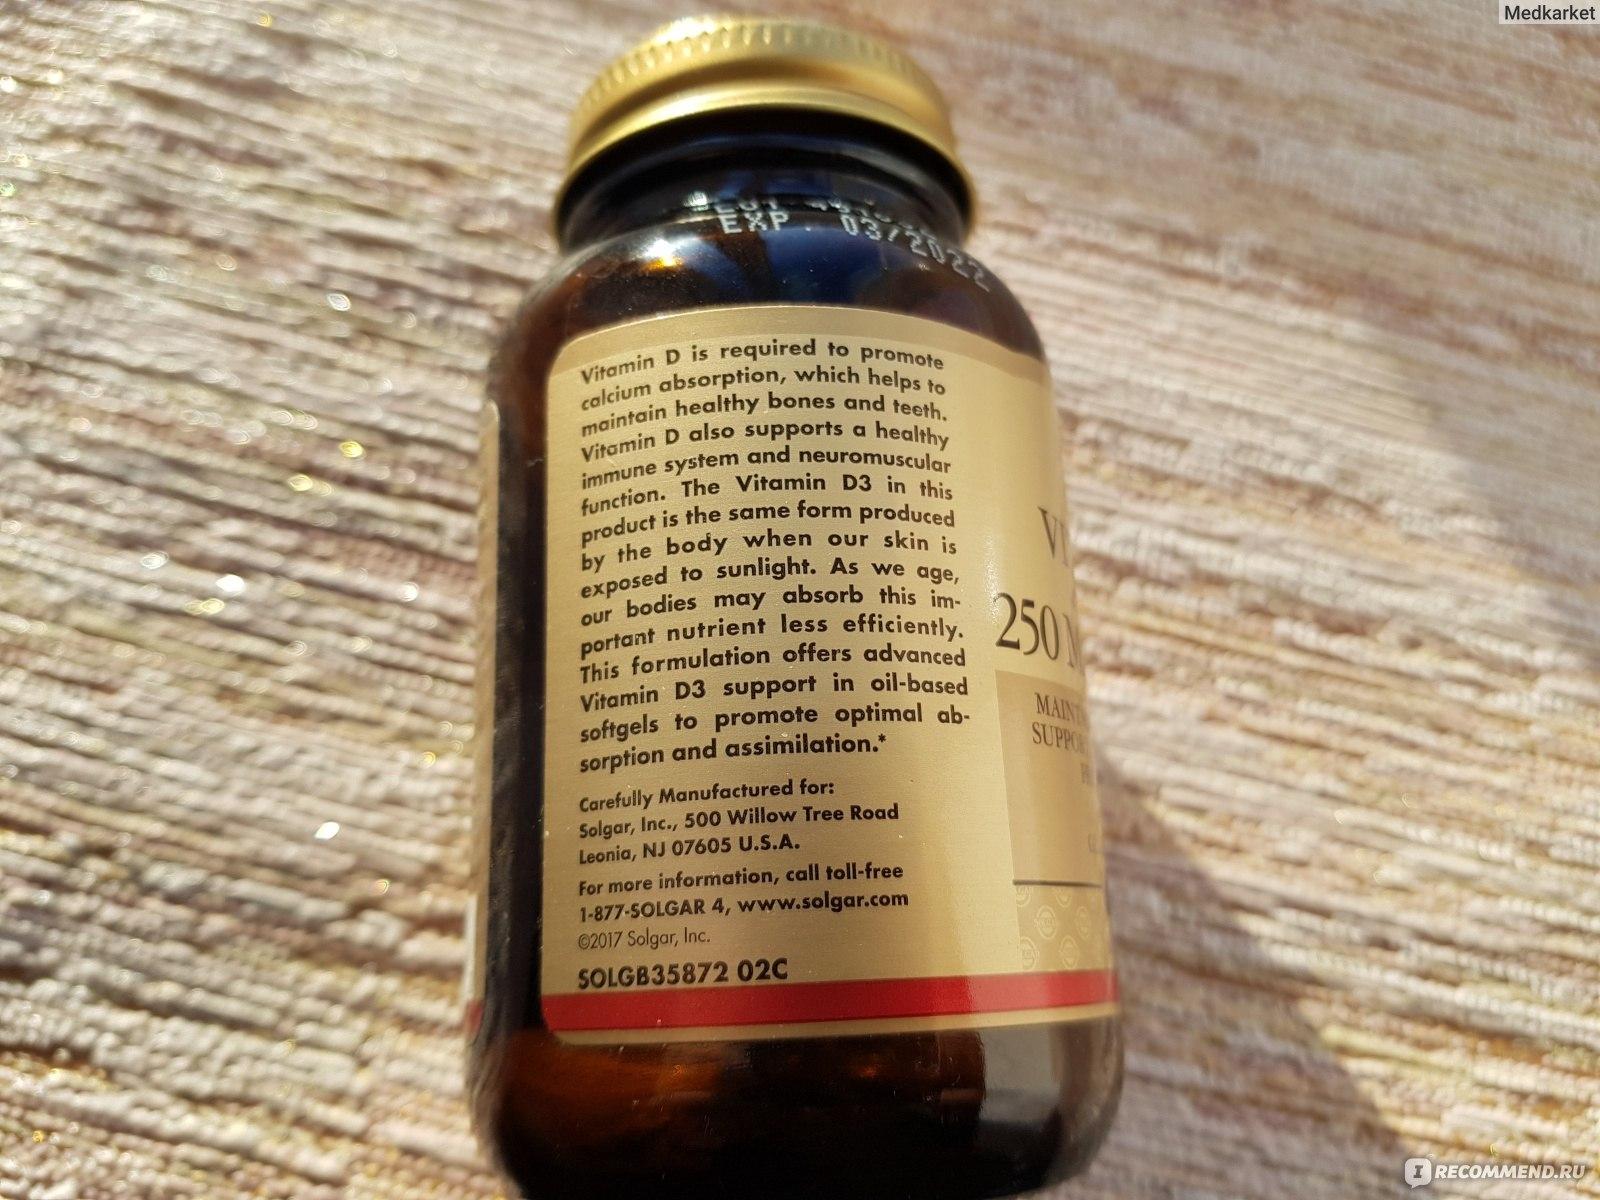 Ананас для похудения таблетки, описание, реальные отзывы, купить с доставкой